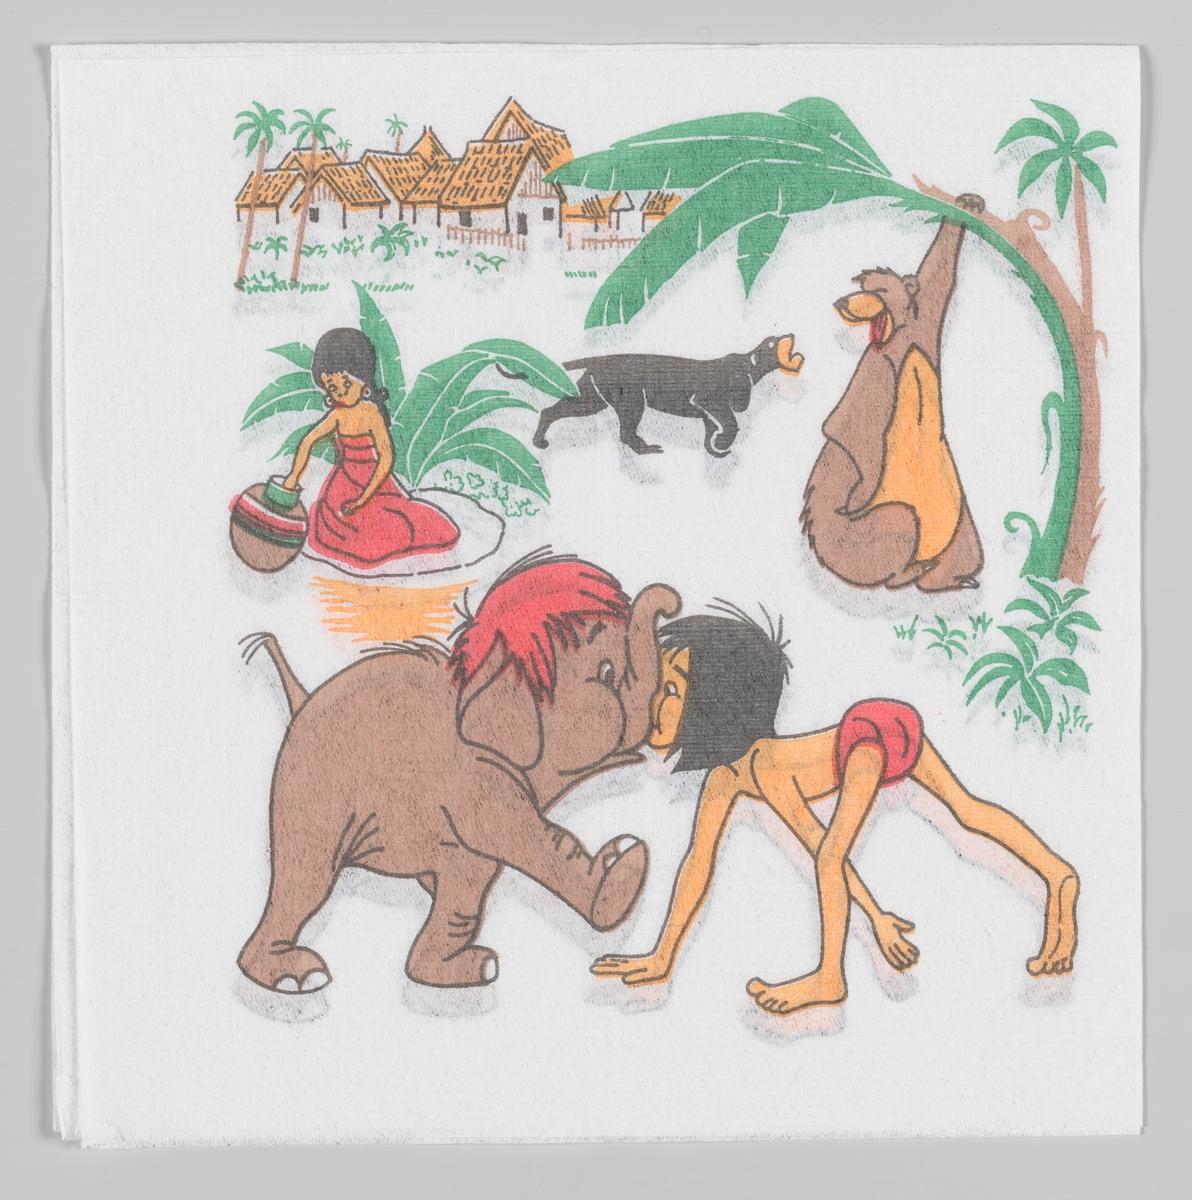 Mowgli og elefantungen støtter sammen nese mot snabbel. I bakgrunnen bjørnen Baloo, den sorte panter Bagheera og en jente fra landsbyen.  Walt Disneys animasjonsfilm Jungelboken kom i 1967.  Samme motiv på serviett MIA.00007-003-0154.